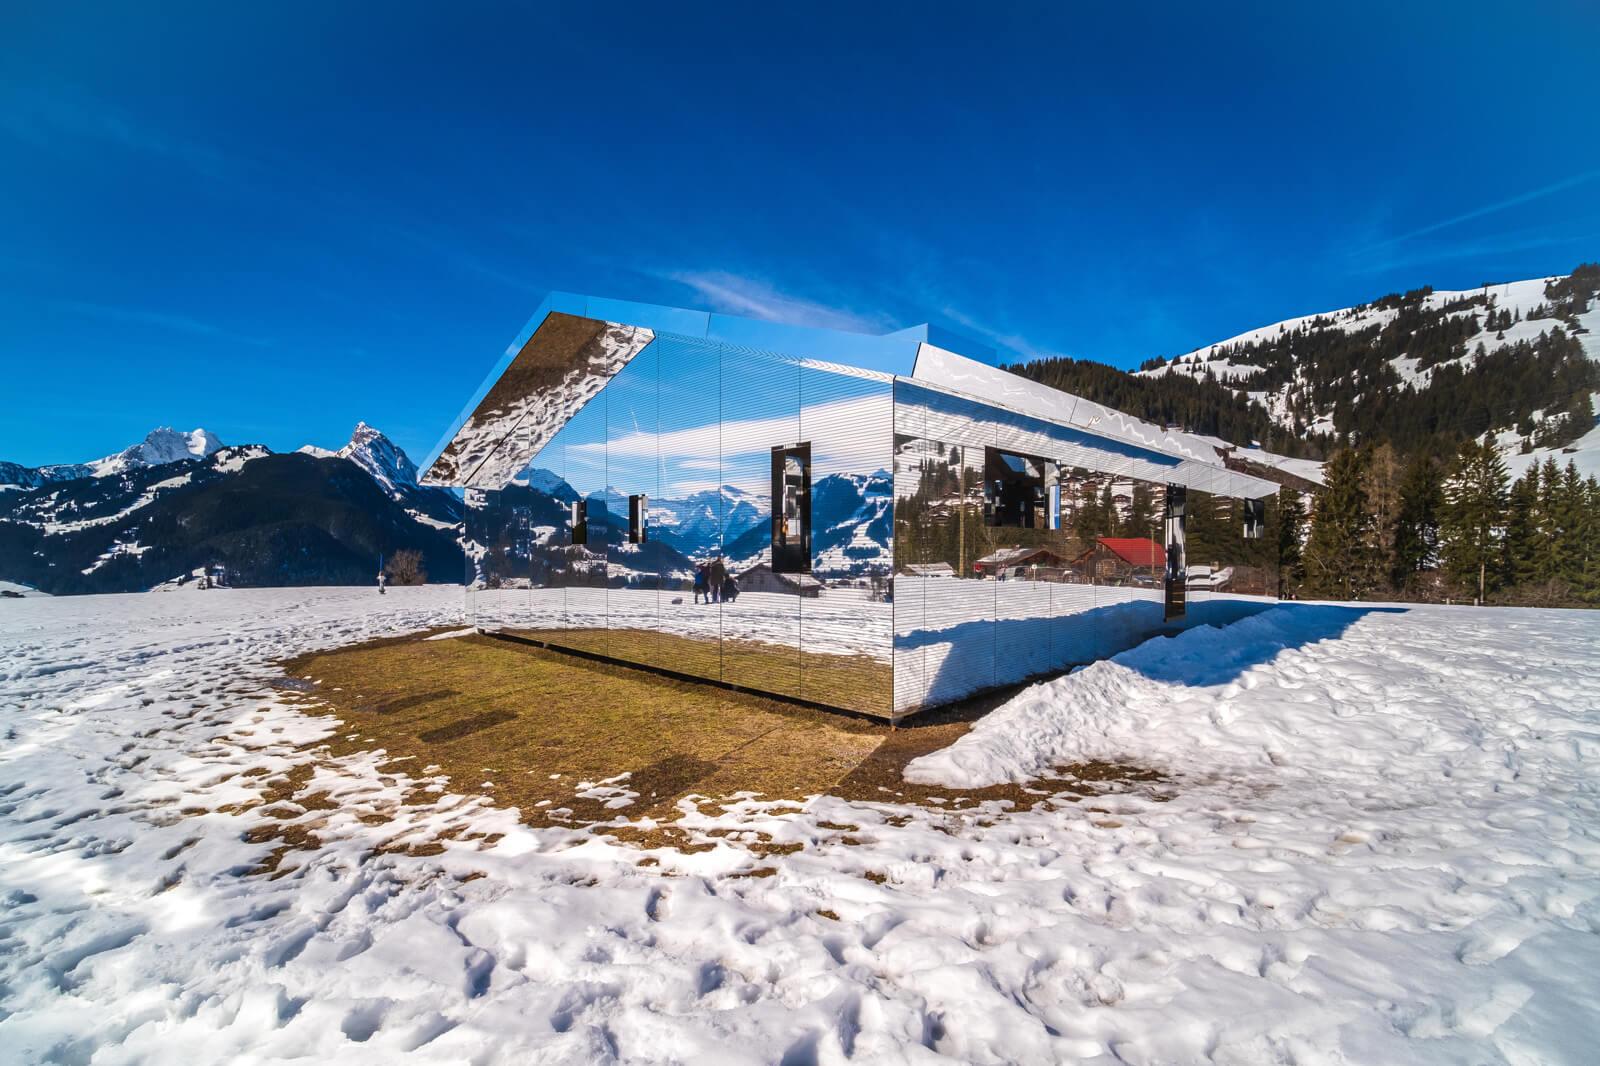 Mirage Chalet in Gstaad by Doug Aitken